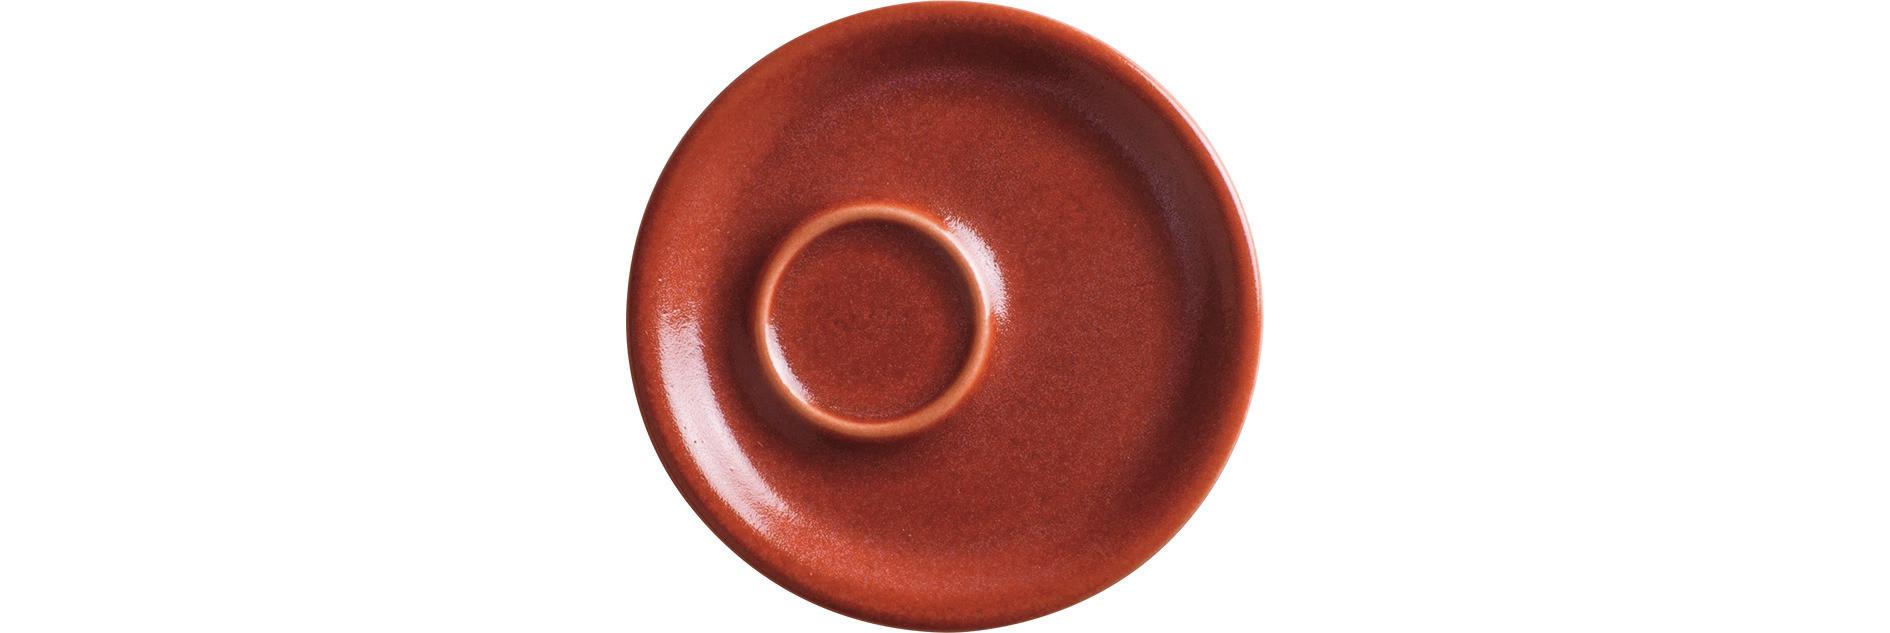 Homestyle, Espresso Untertasse ø 115 mm siena red